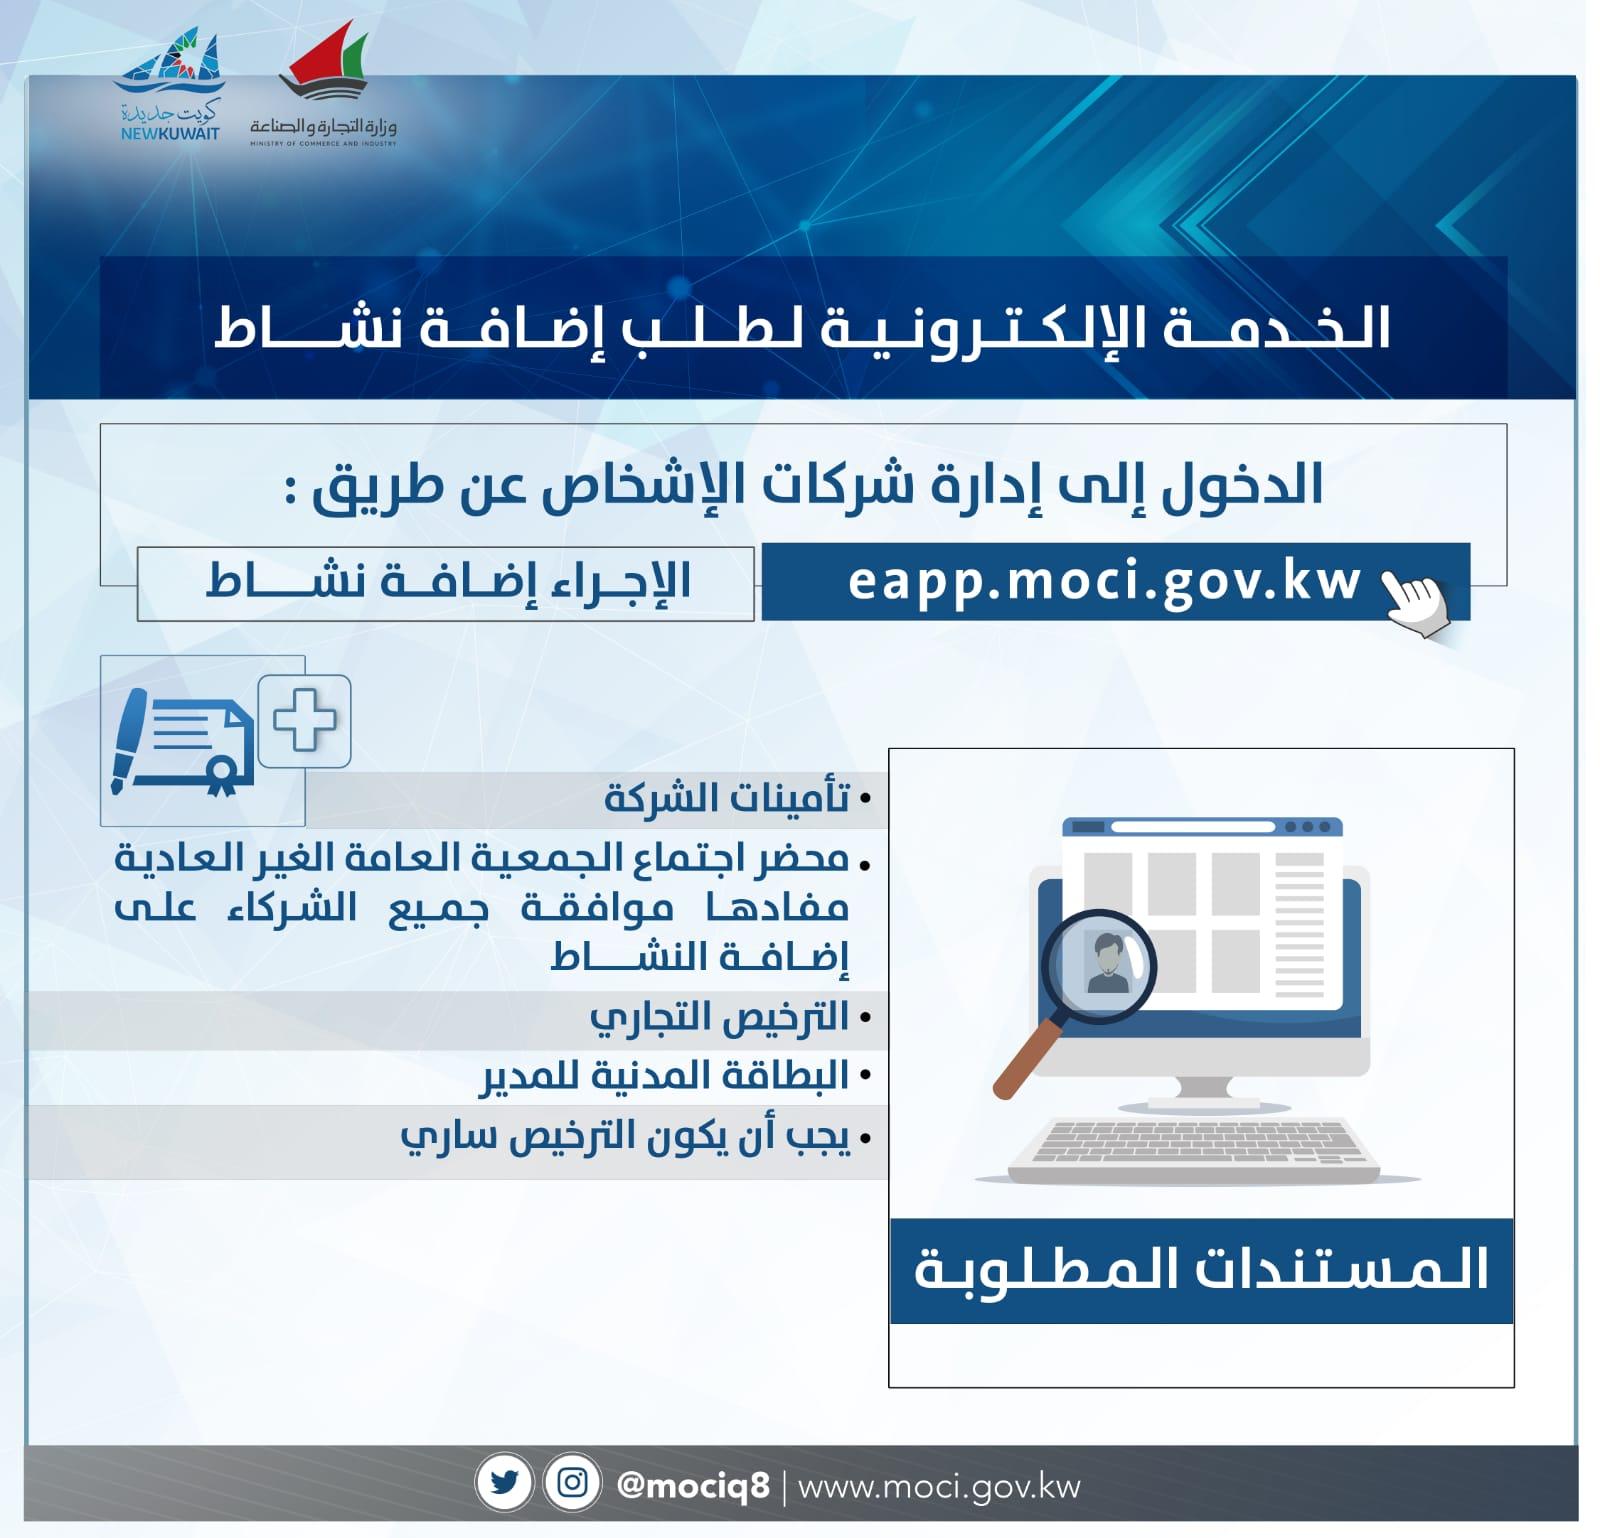 وزارة التجارة Twitterissa خطوات الخدمة الإلكترونية لطلب إضافة نشاط